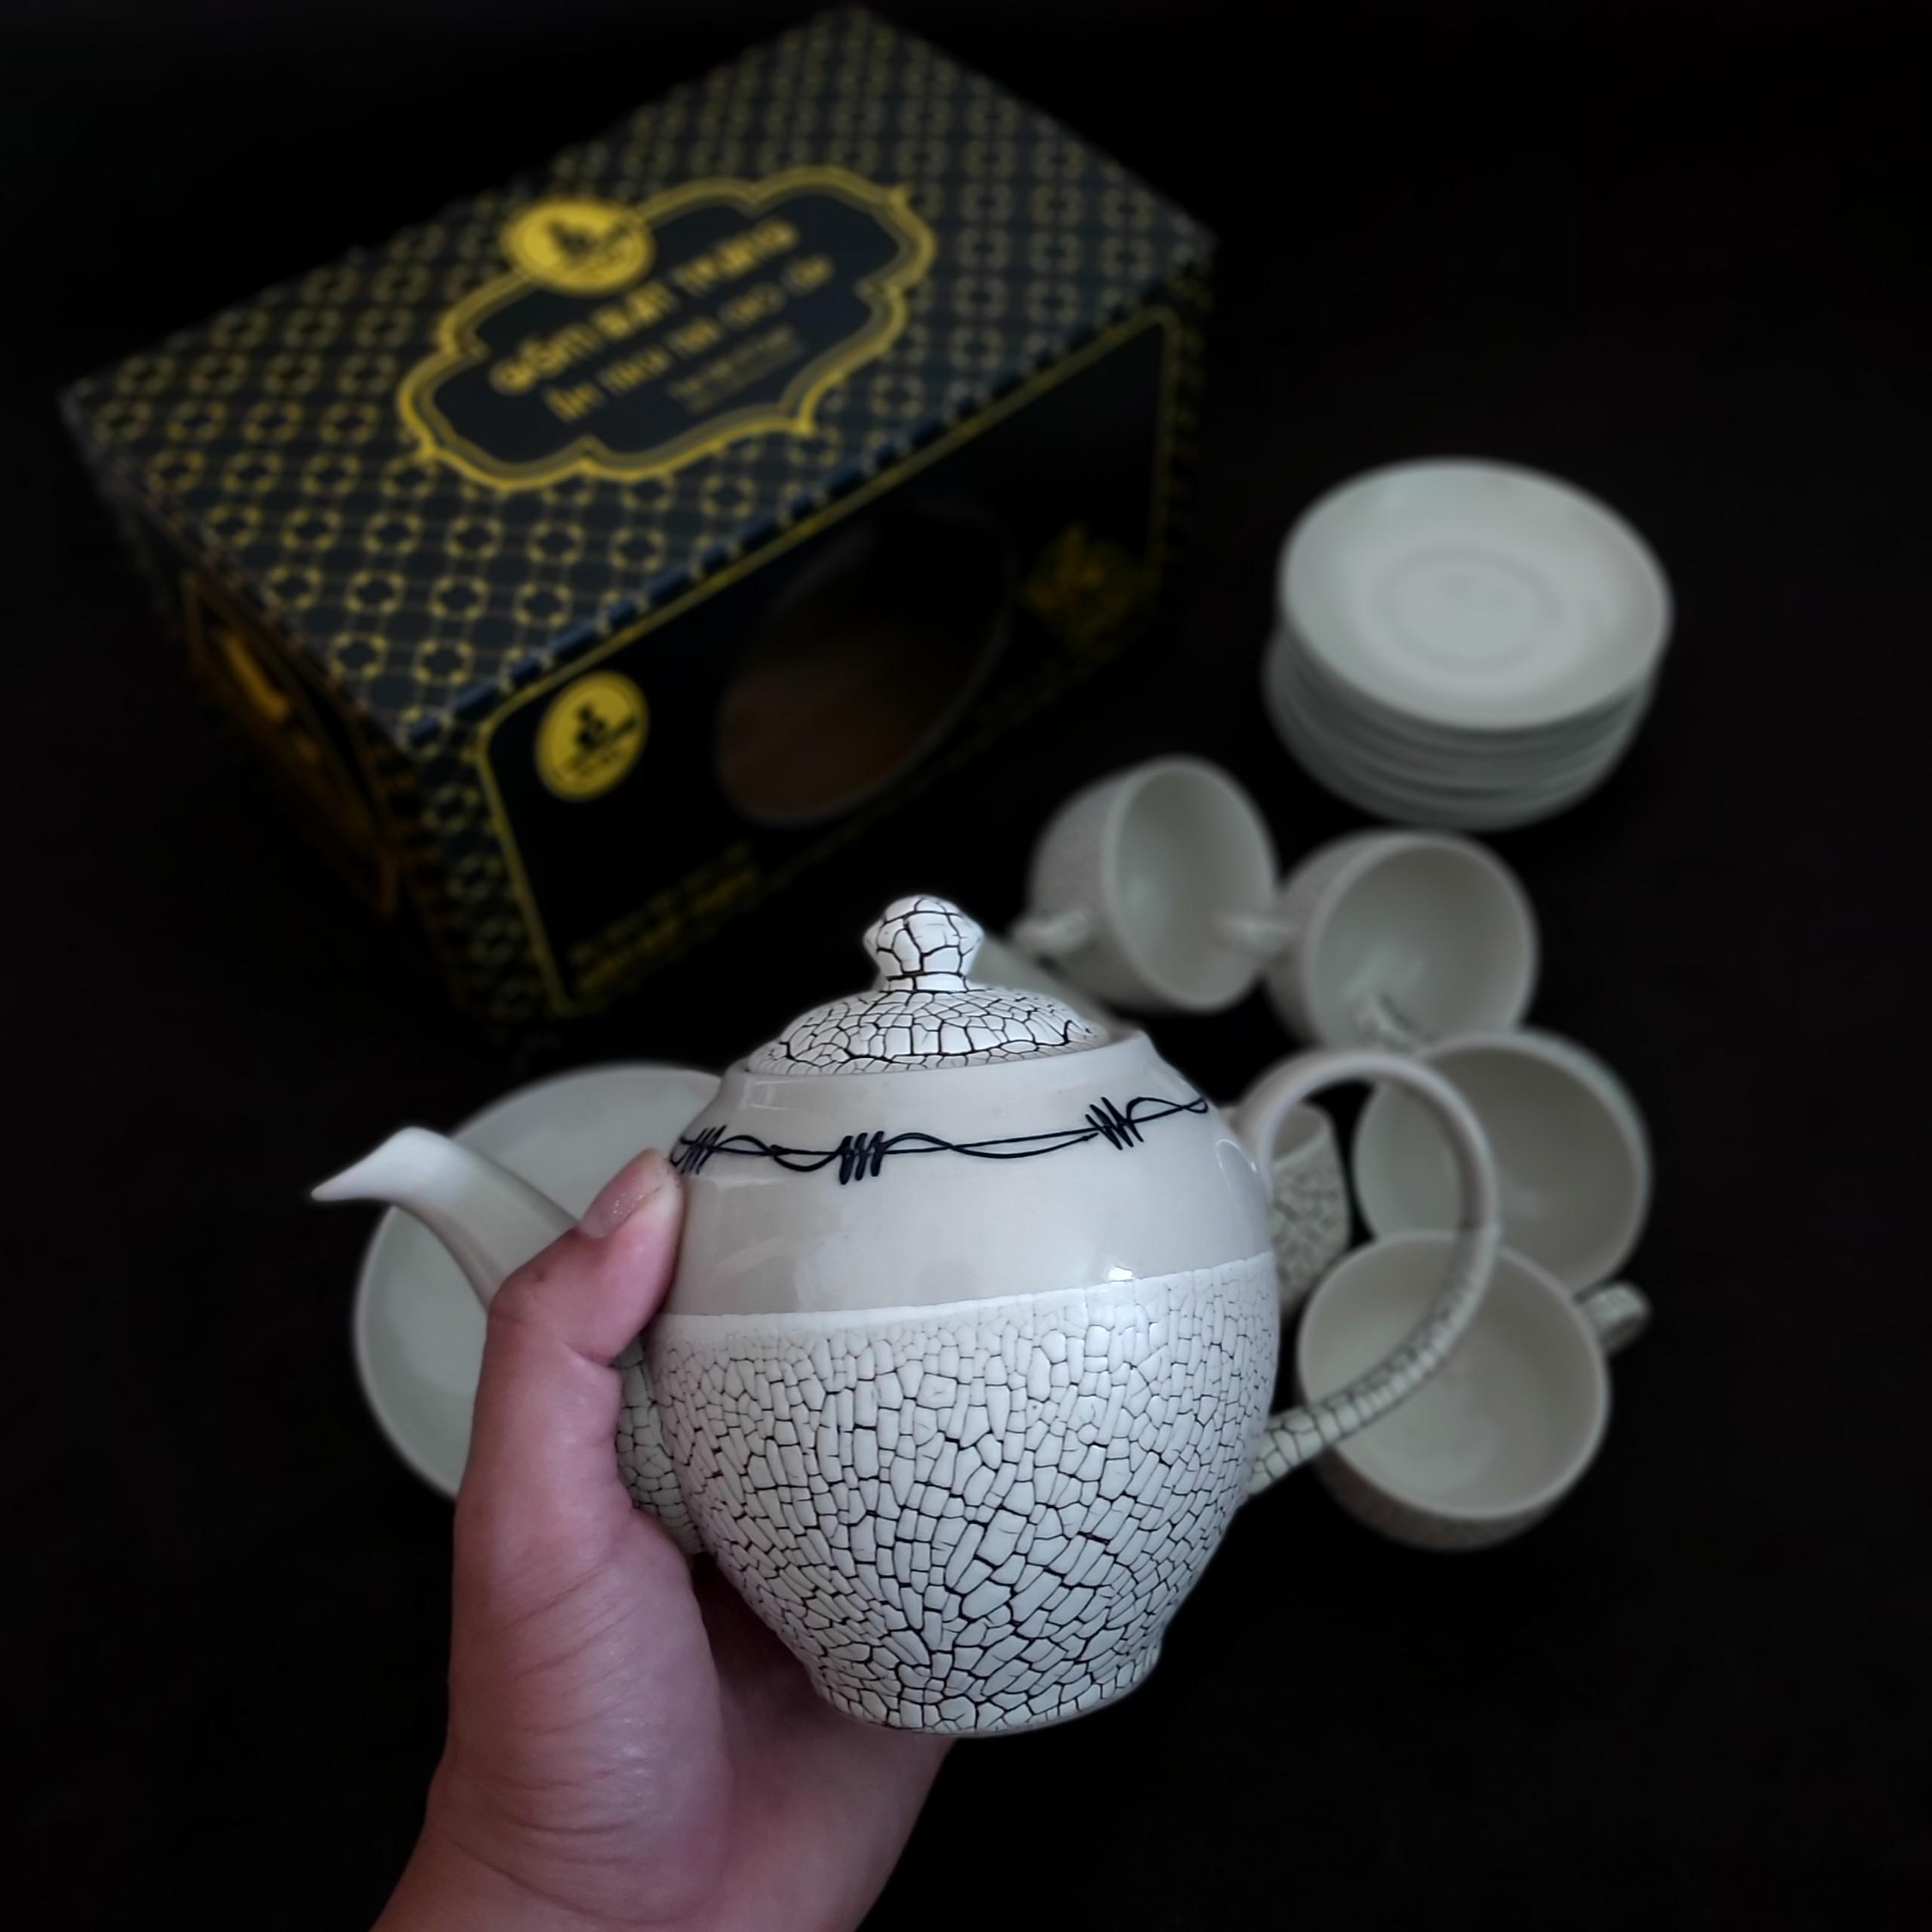 Bộ Ấm Uống trà Bát Tràng mẫu Tròn – Hoa văn nổi sần kiểu đất nẻ cực đẹp – 1 ấm, 6 ly, 7 dĩa - hộp carton - Màu Trắng Ngà Ivory